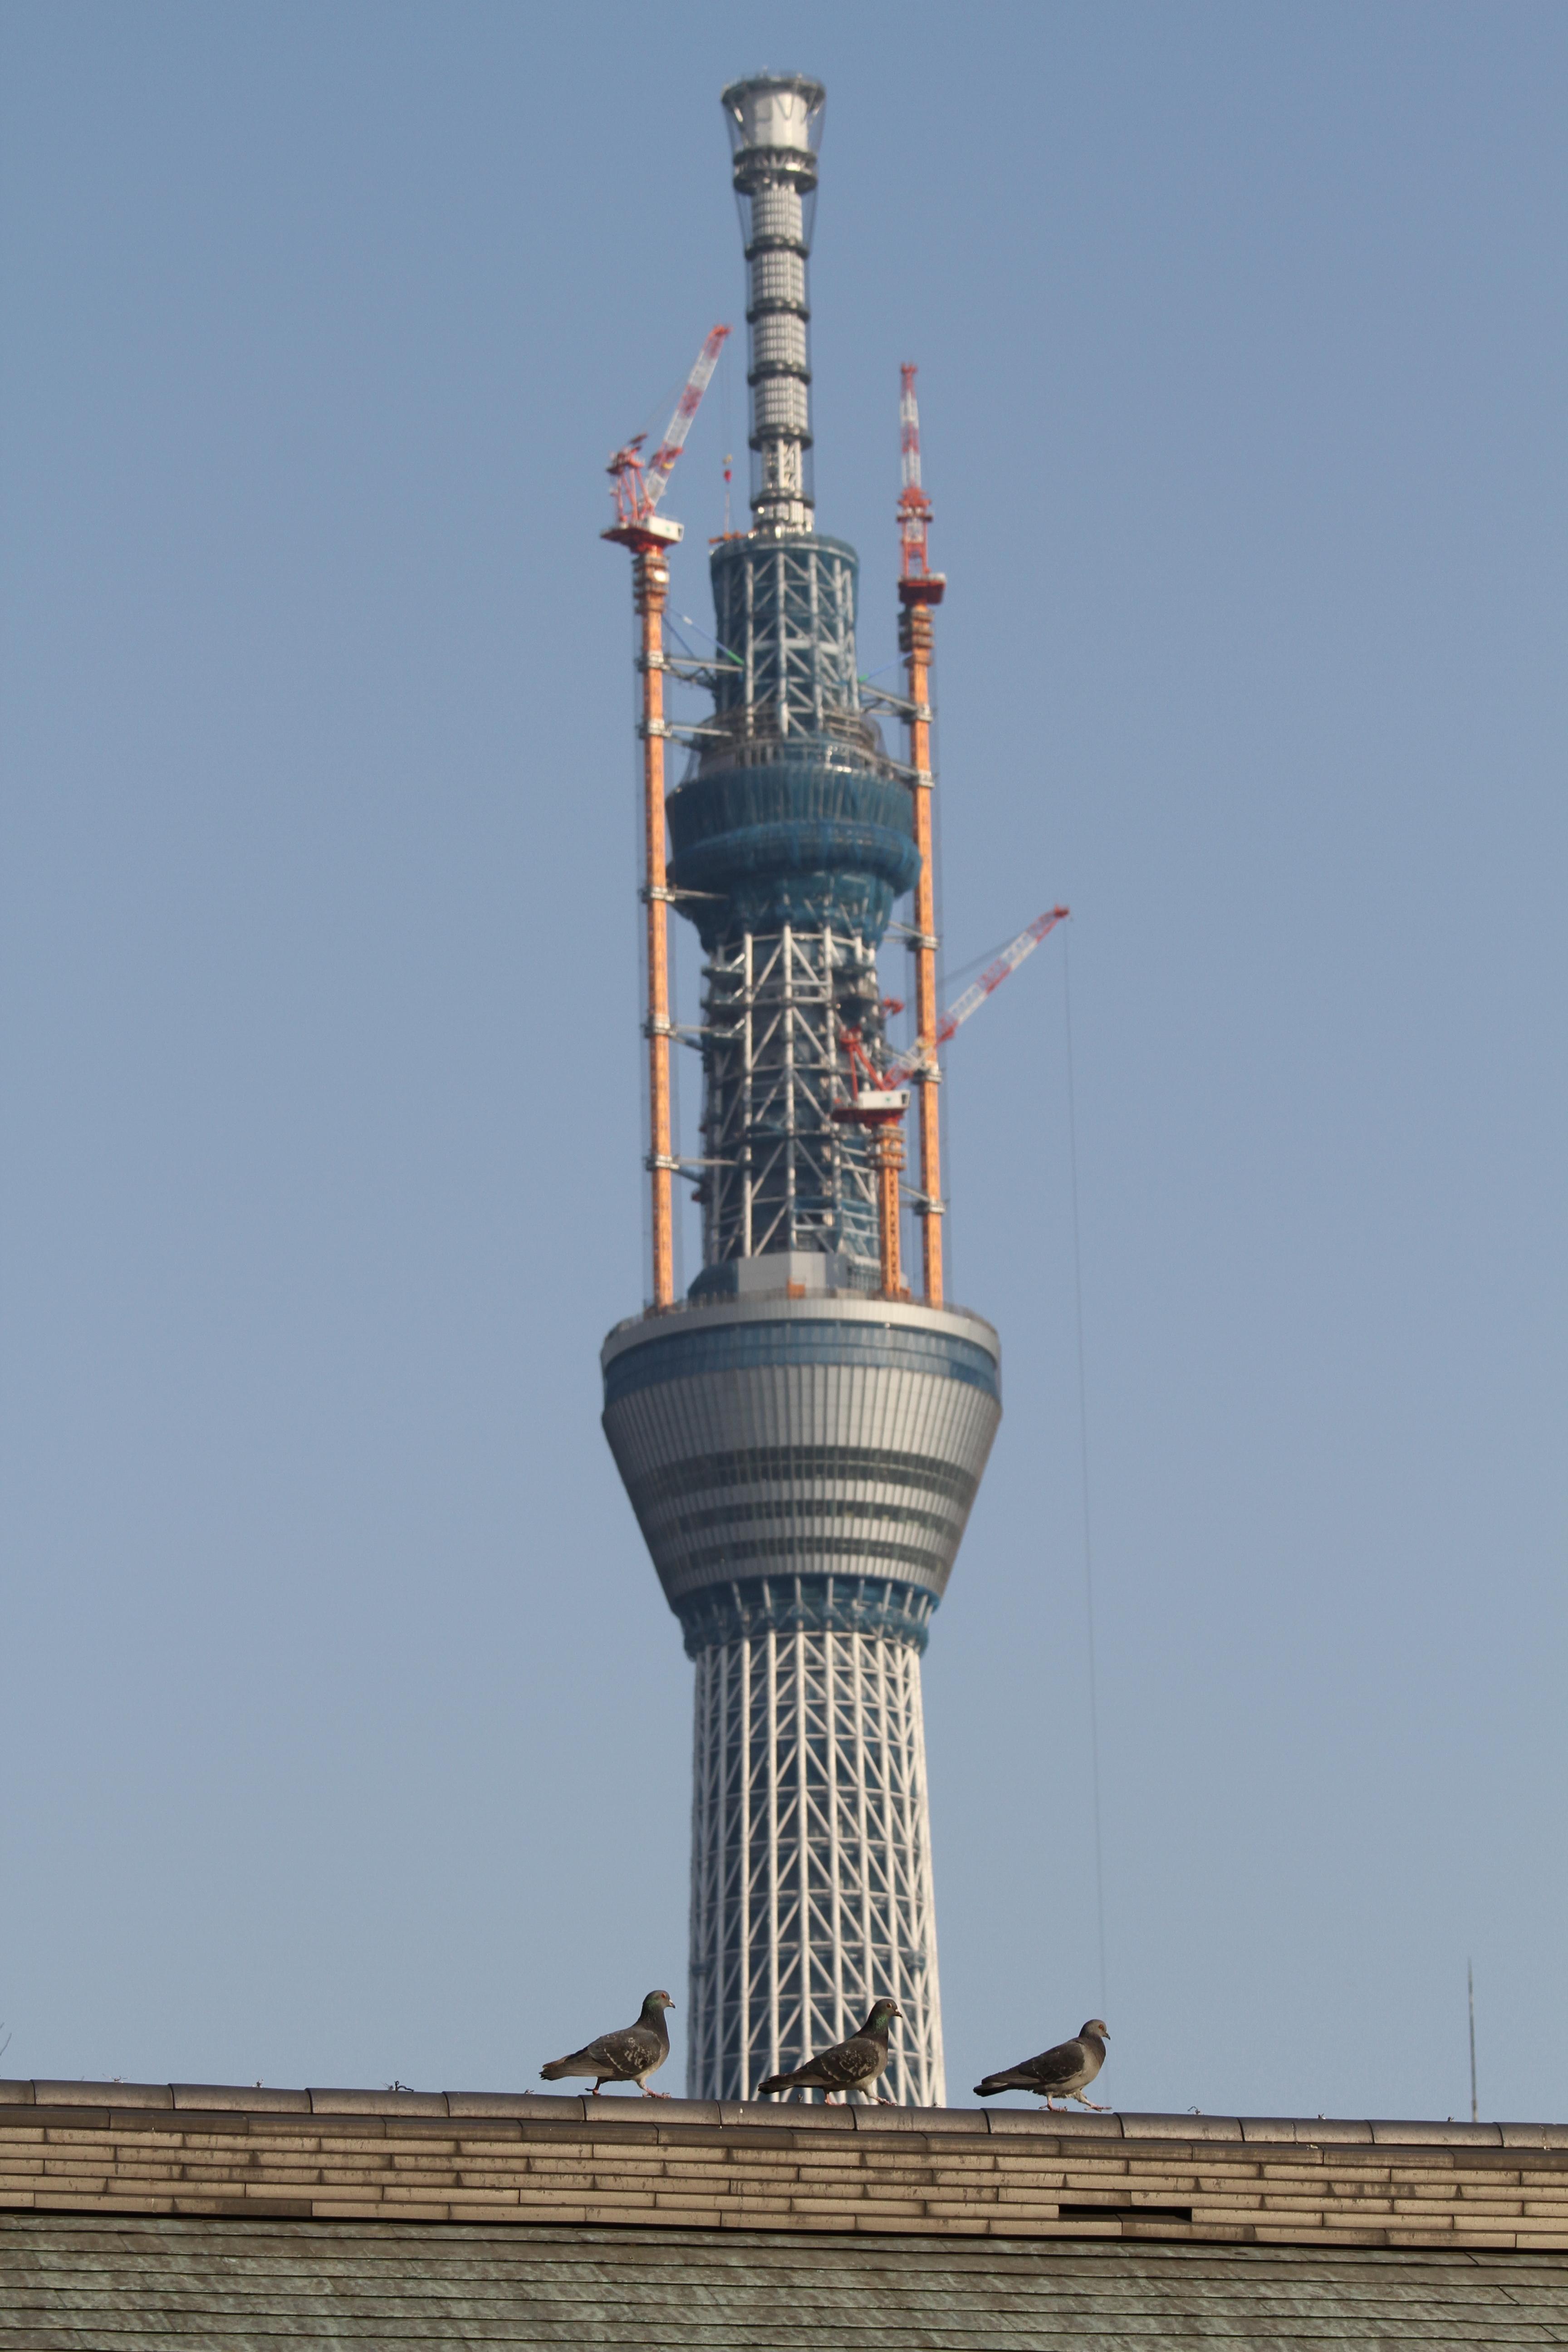 <b>浅草寺の境内からも東京スカイツリーはよく確認できる。ちょうど建物の上にいた鳥と一緒に撮影しようと狙っていると、運よく等間隔に鳥が並んで歩いてくれたので、それをメインに東京スカイツリーを撮影。EOS 7D / EF 70-200mm F4 L IS USM / 3,456×5,184 / 1/500秒 / F8 / 0EV / ISO200 / プログラム / WB:オート / 93mm / 15:26</b>